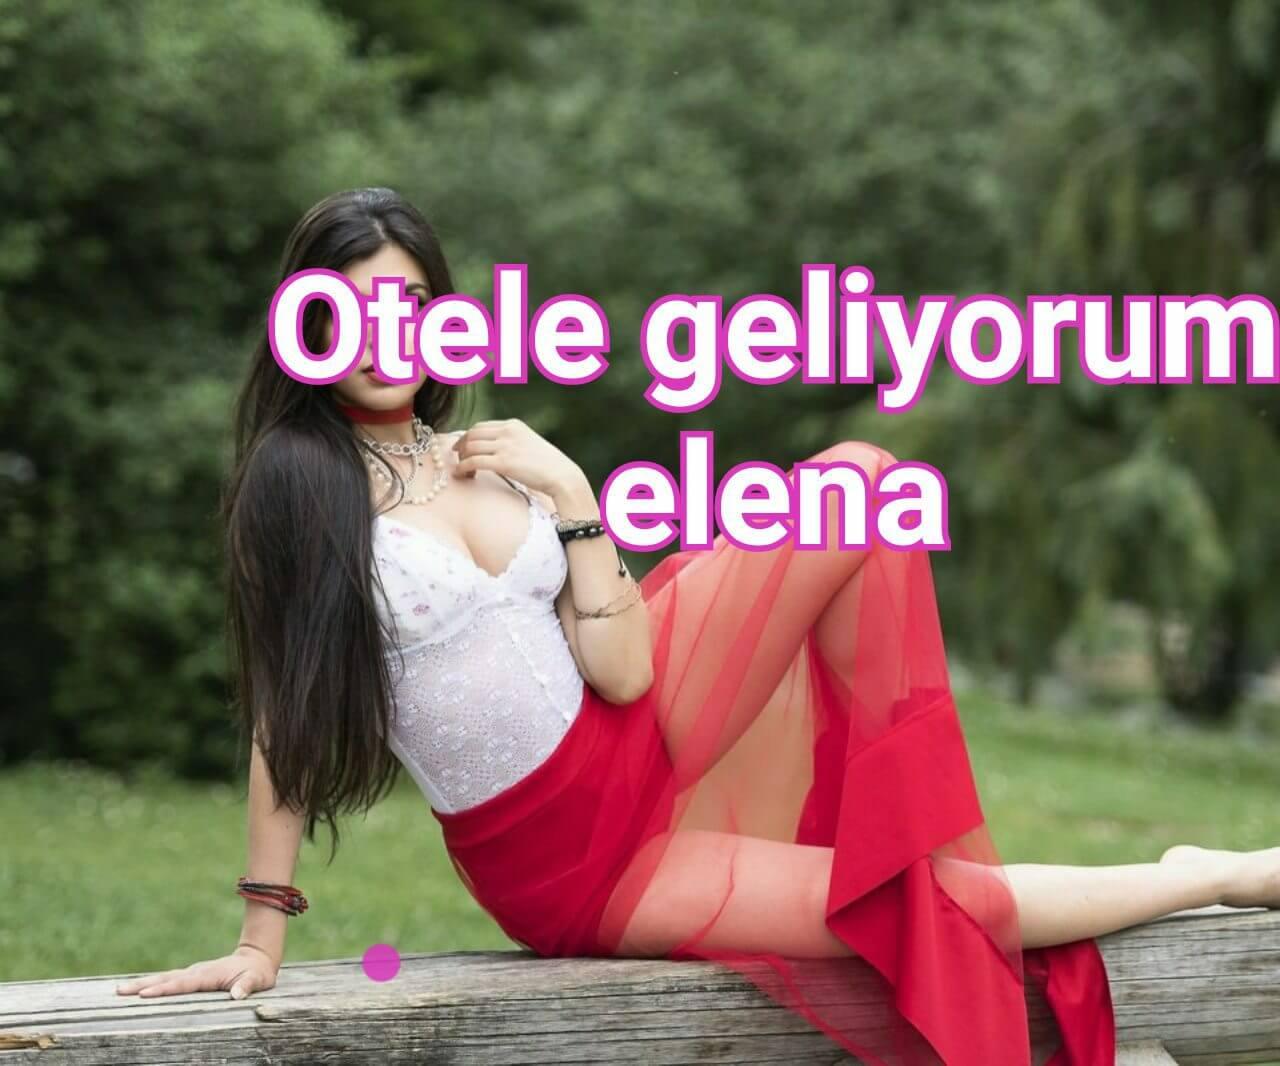 Pendik Kurtköy Escort Bayan Elena - Image 3